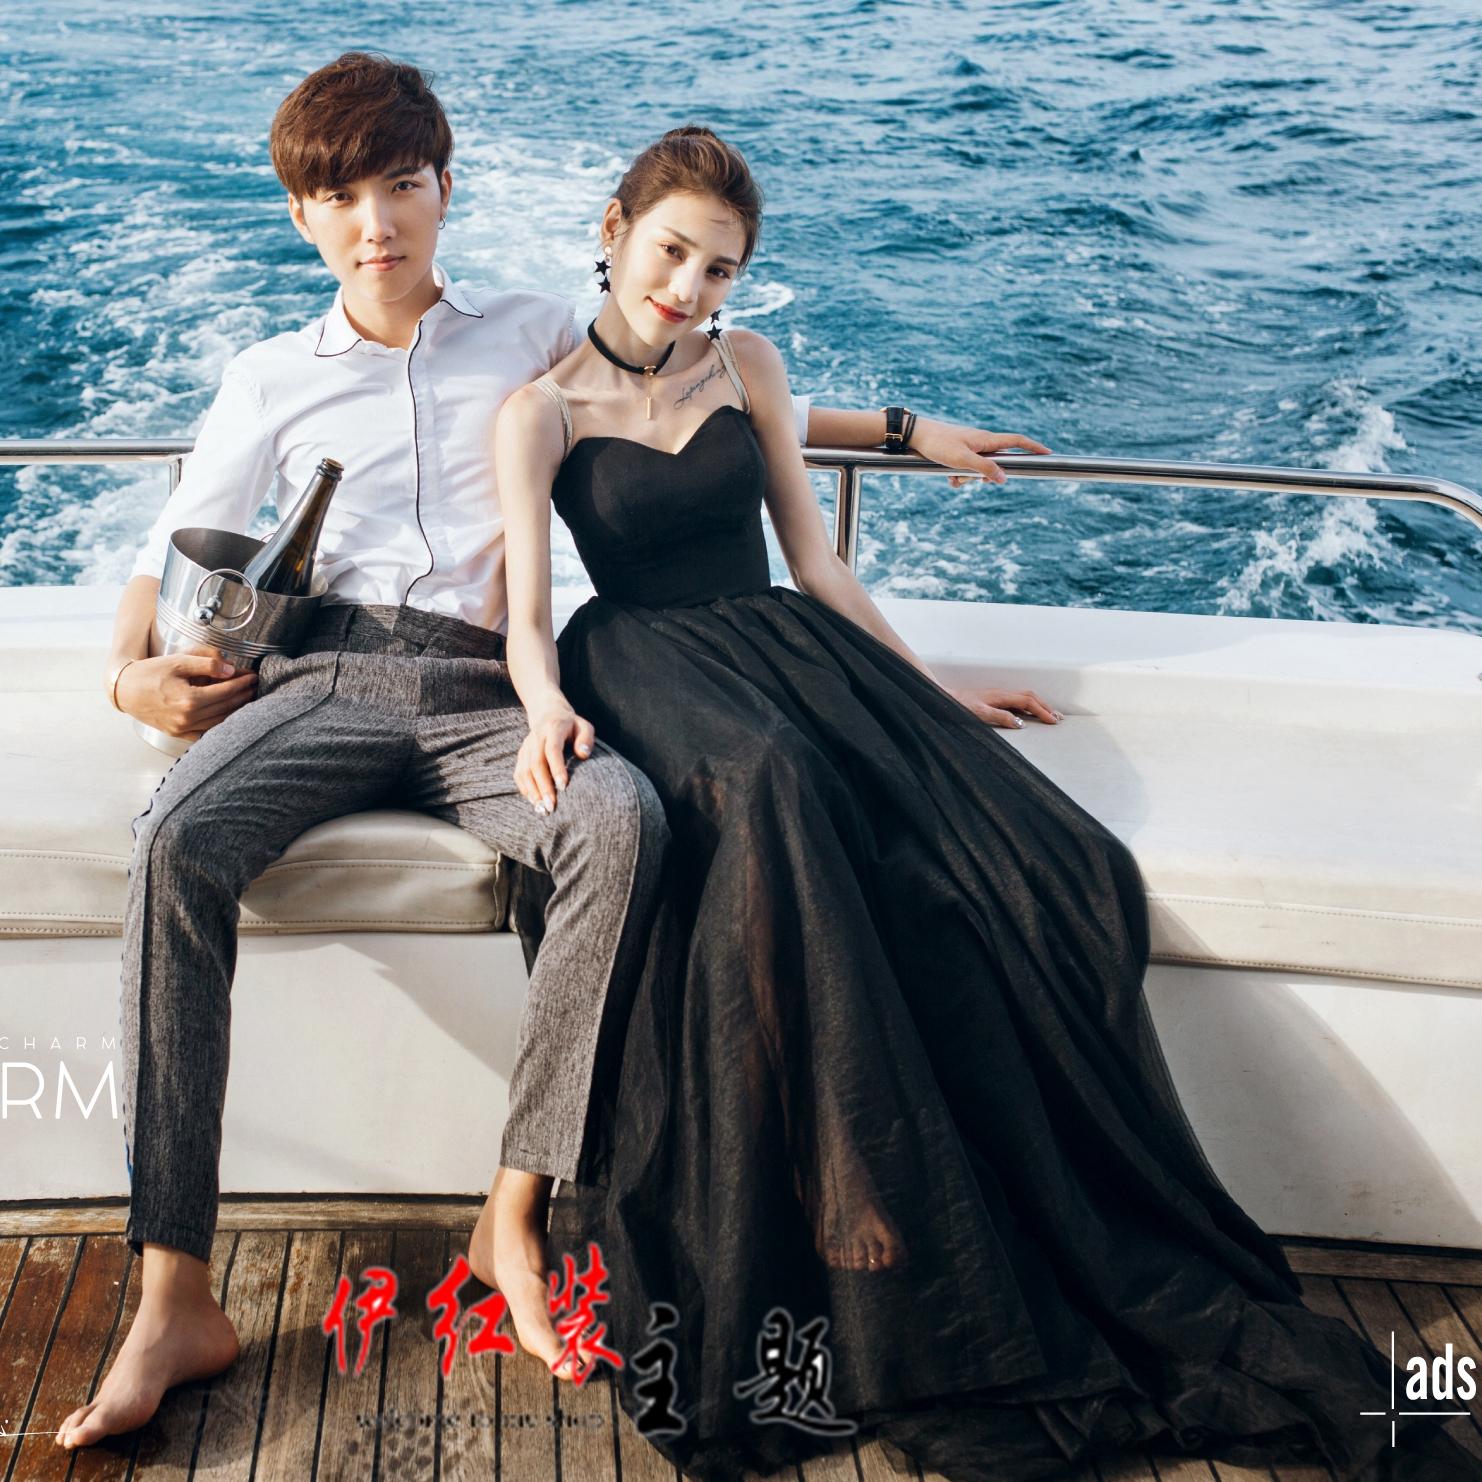 新款海景旅拍情侣写真轻婚纱影楼主题服装游艇拍照黑色拖尾礼服